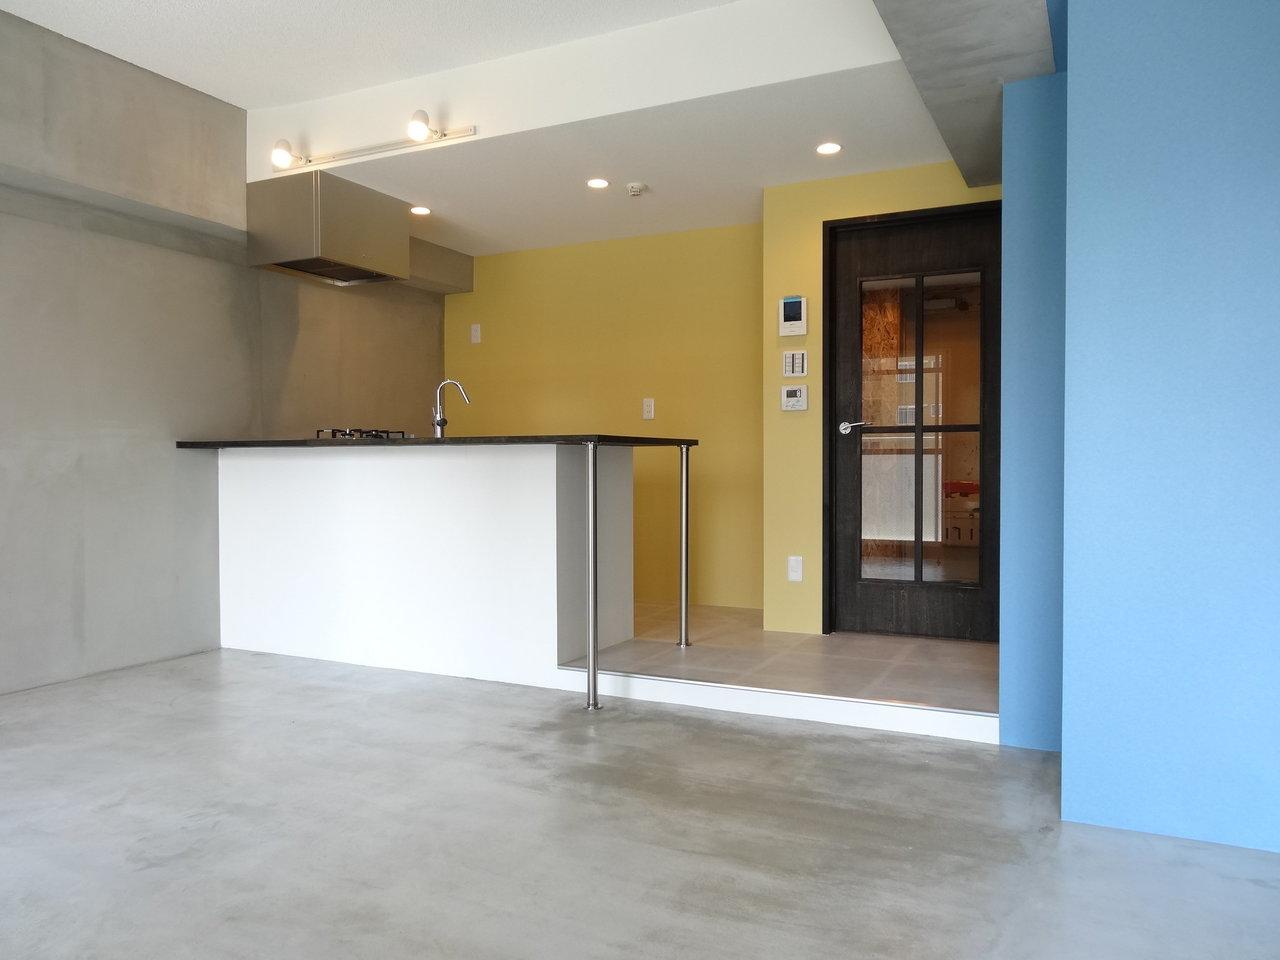 リノベ&デザイナーズは「壁」に注目。福岡、こだわりの「壁」がある部屋まとめ